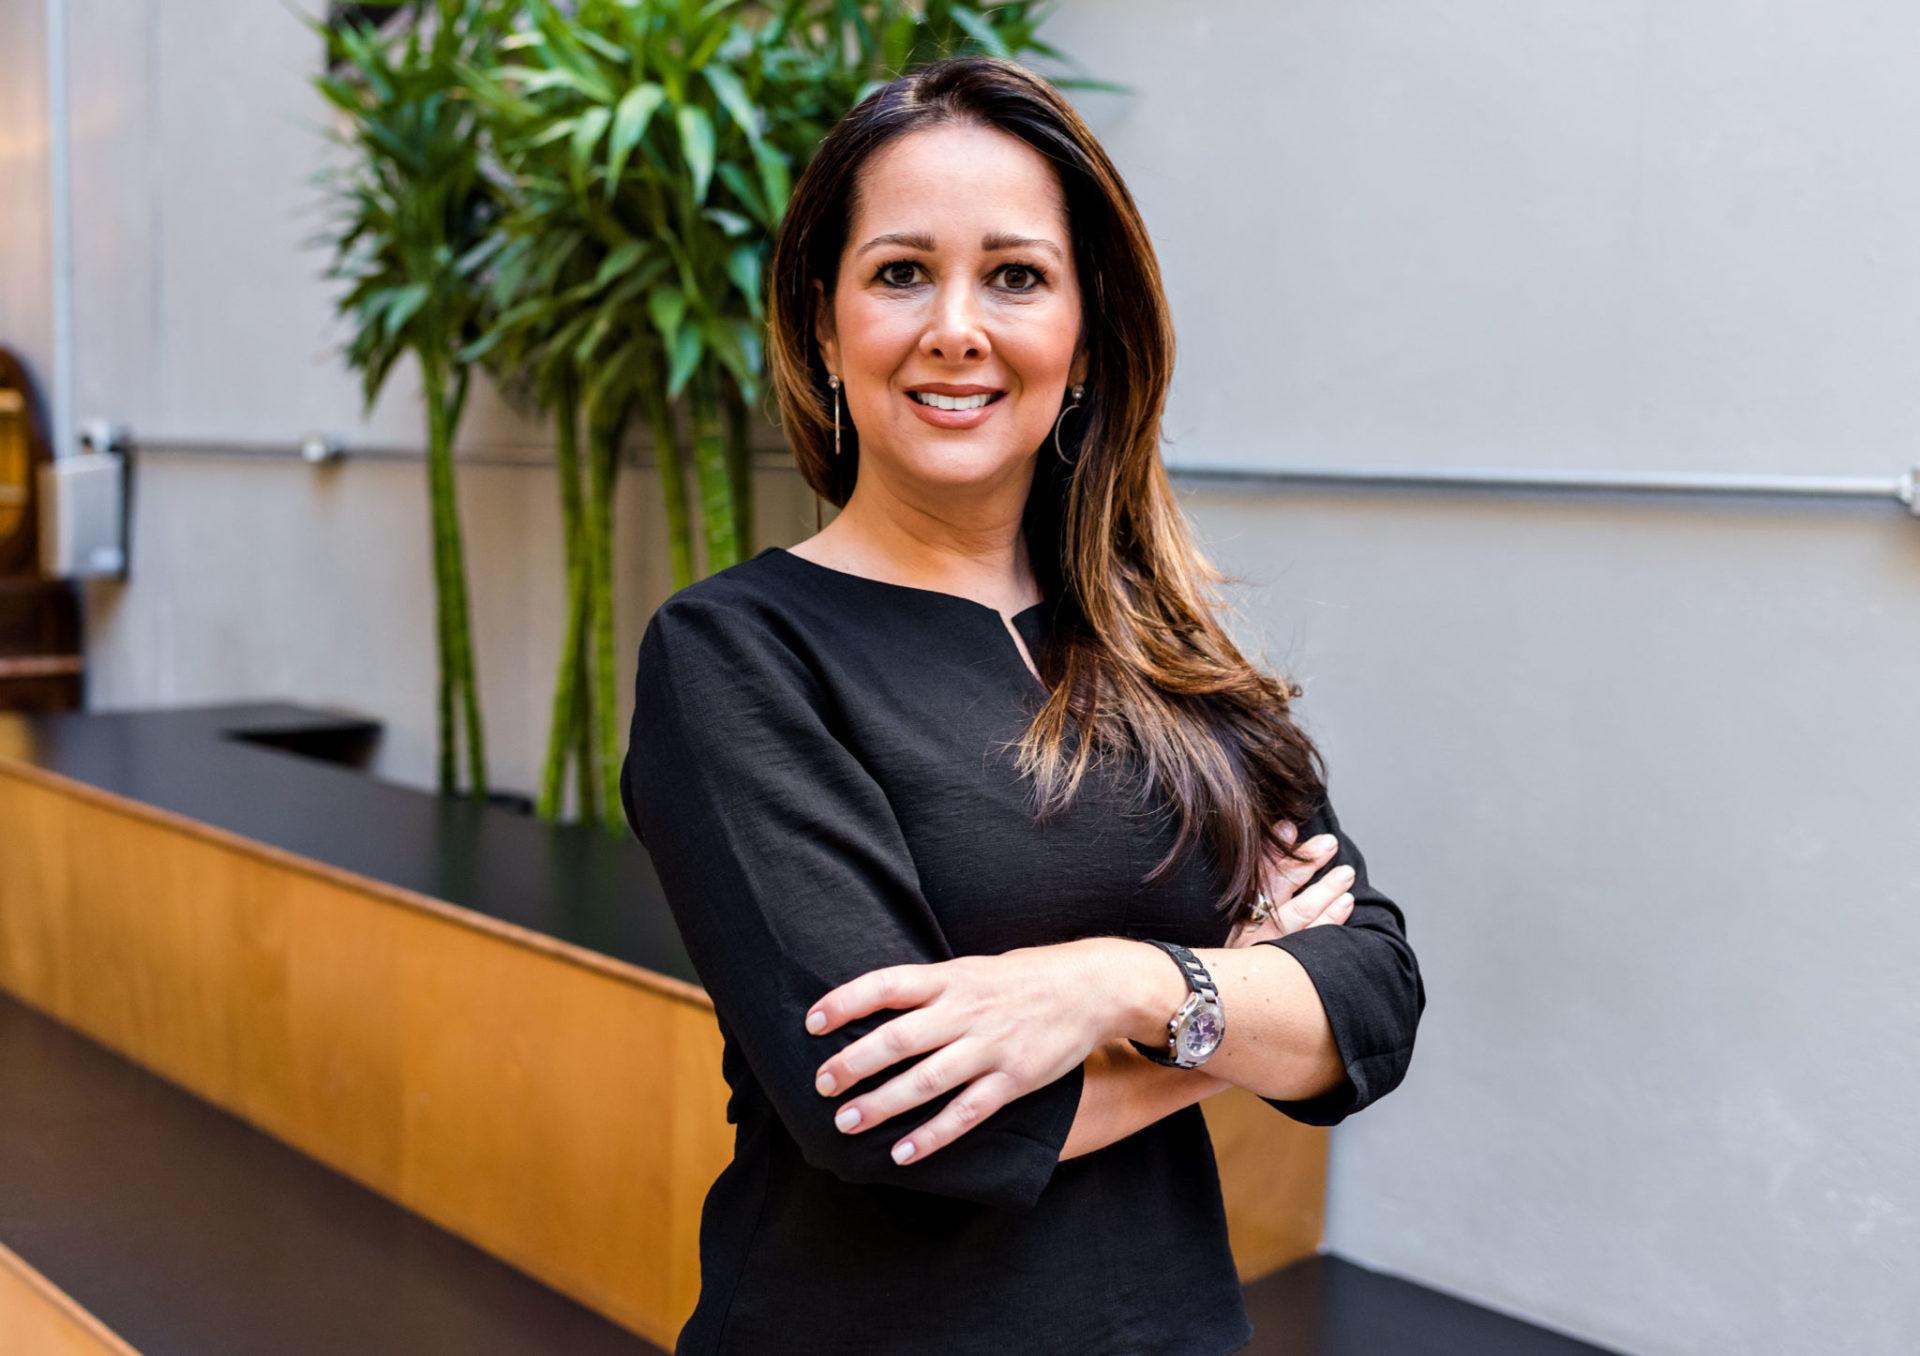 Uma mulher vestindo preto sorri, de braços cruzados, em frente a um local com uma folhagem atrás.